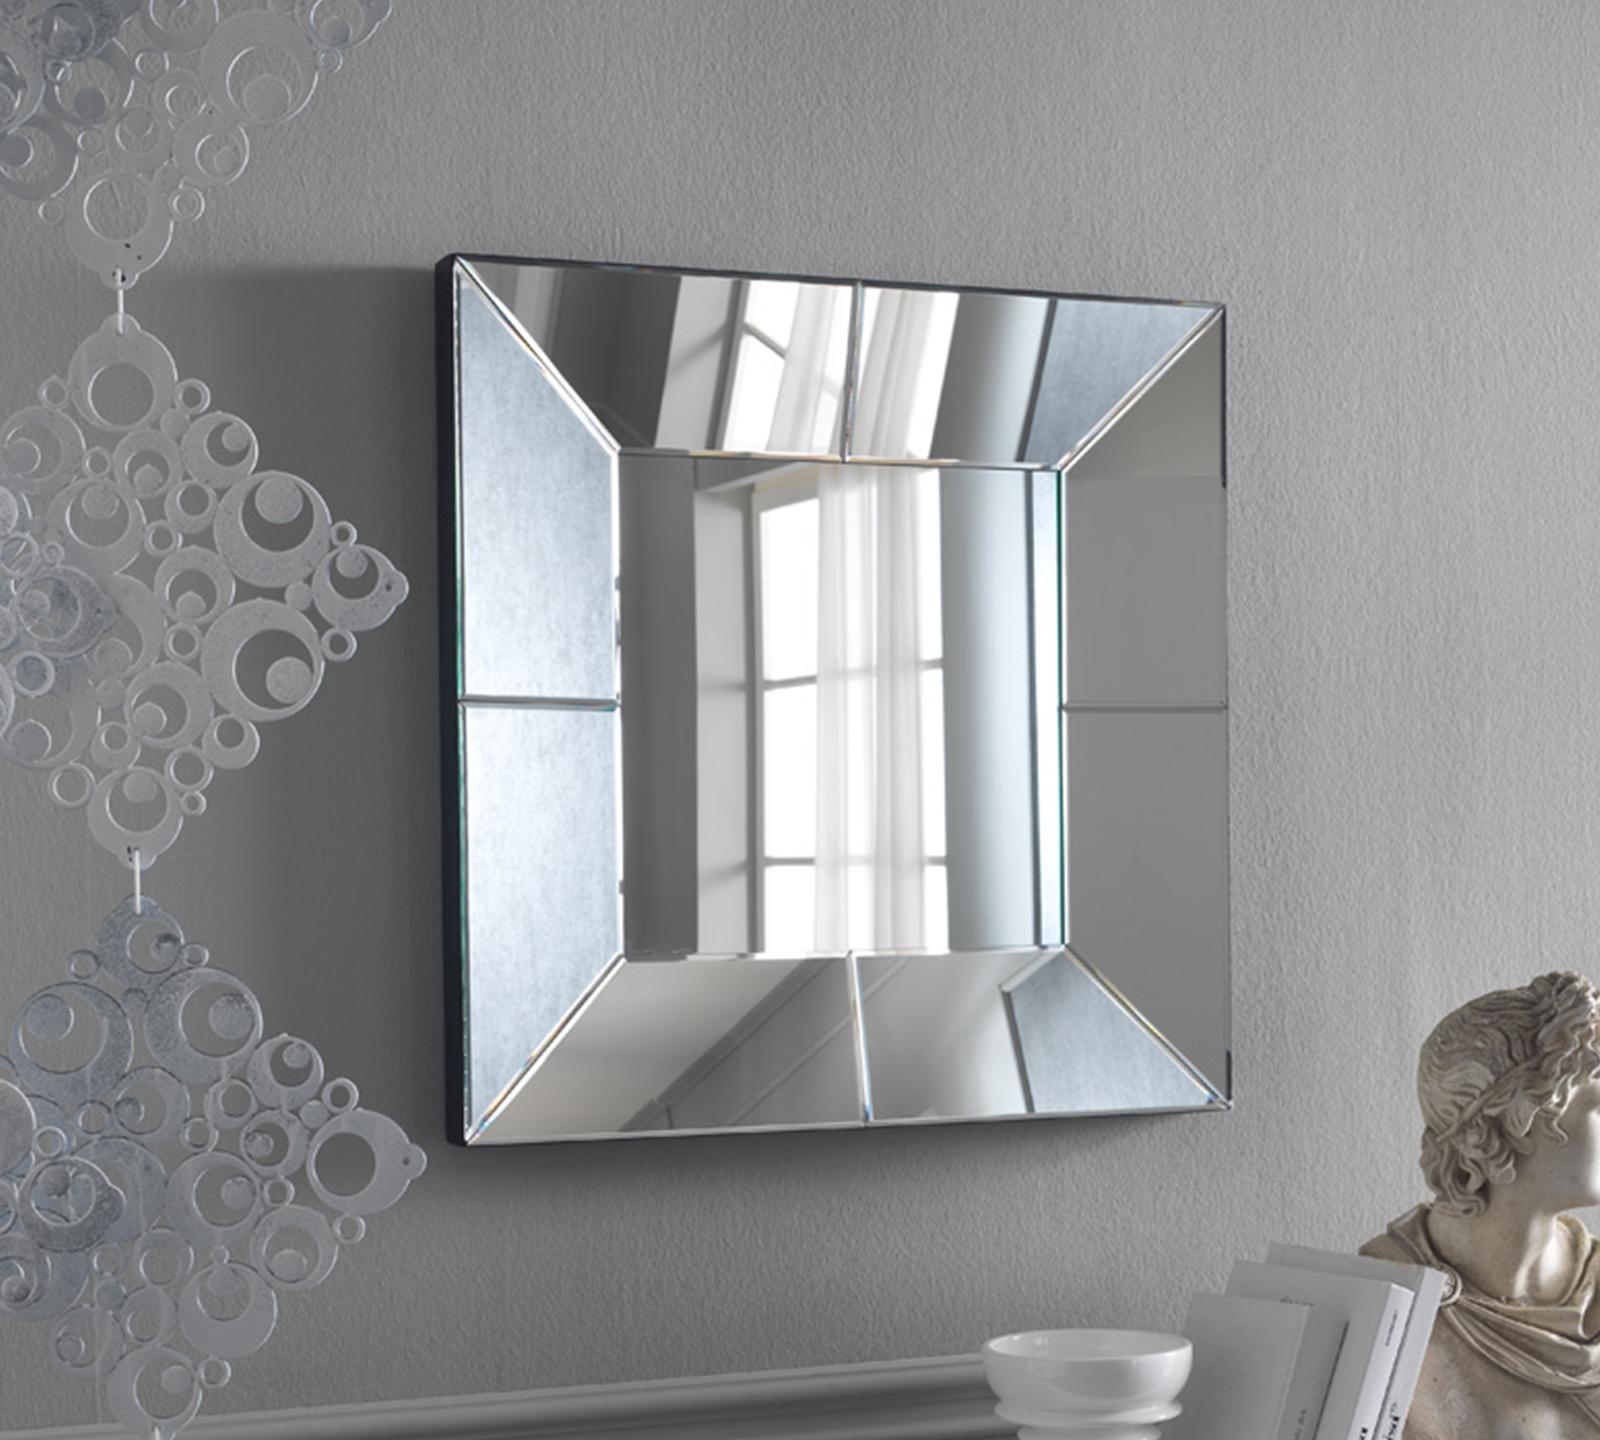 Specchio sp 017 duzzle - Supporti per specchi a parete ...